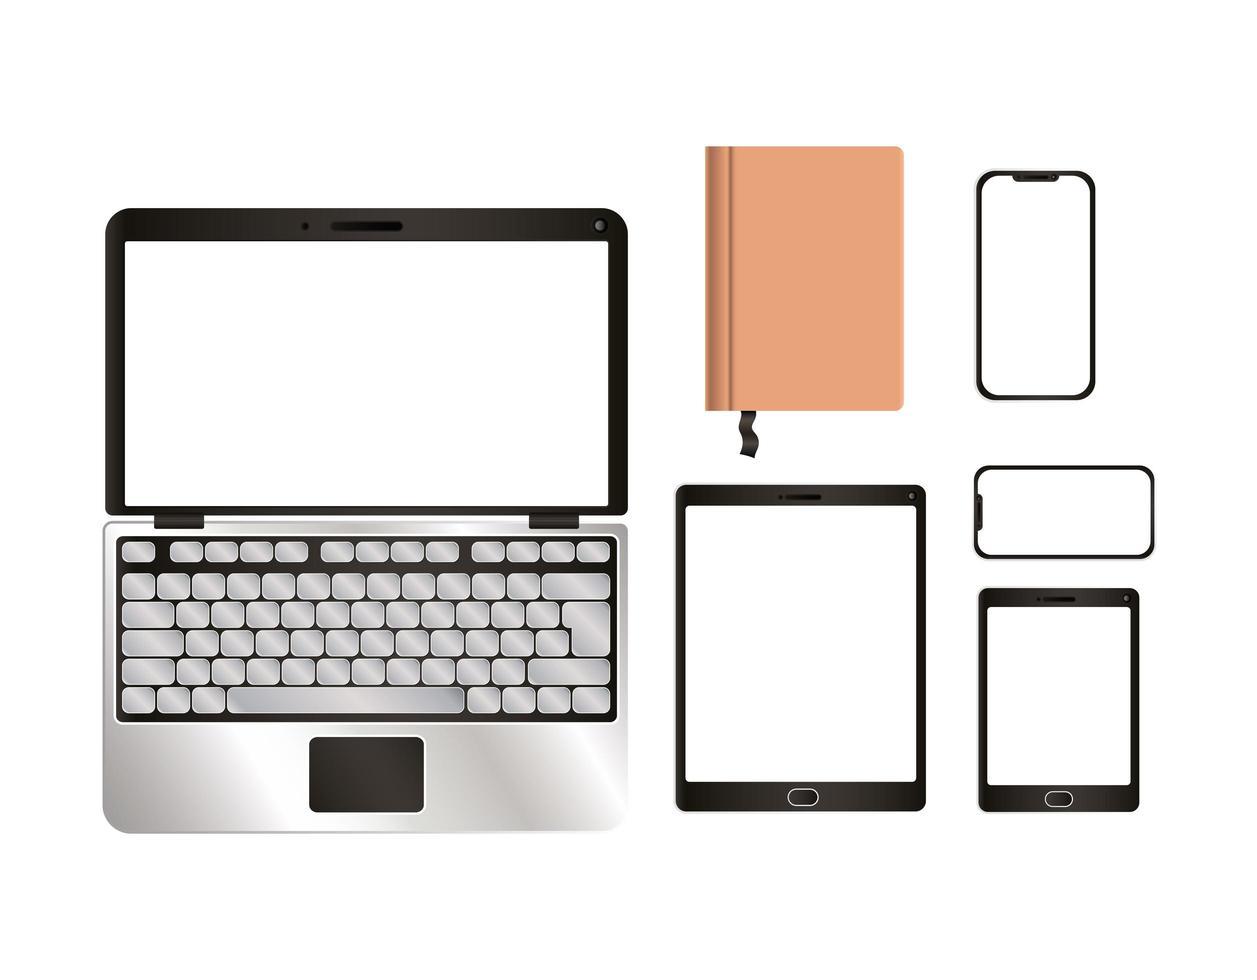 conception de smartphone et ordinateur portable maquette tablette ordinateur portable vecteur